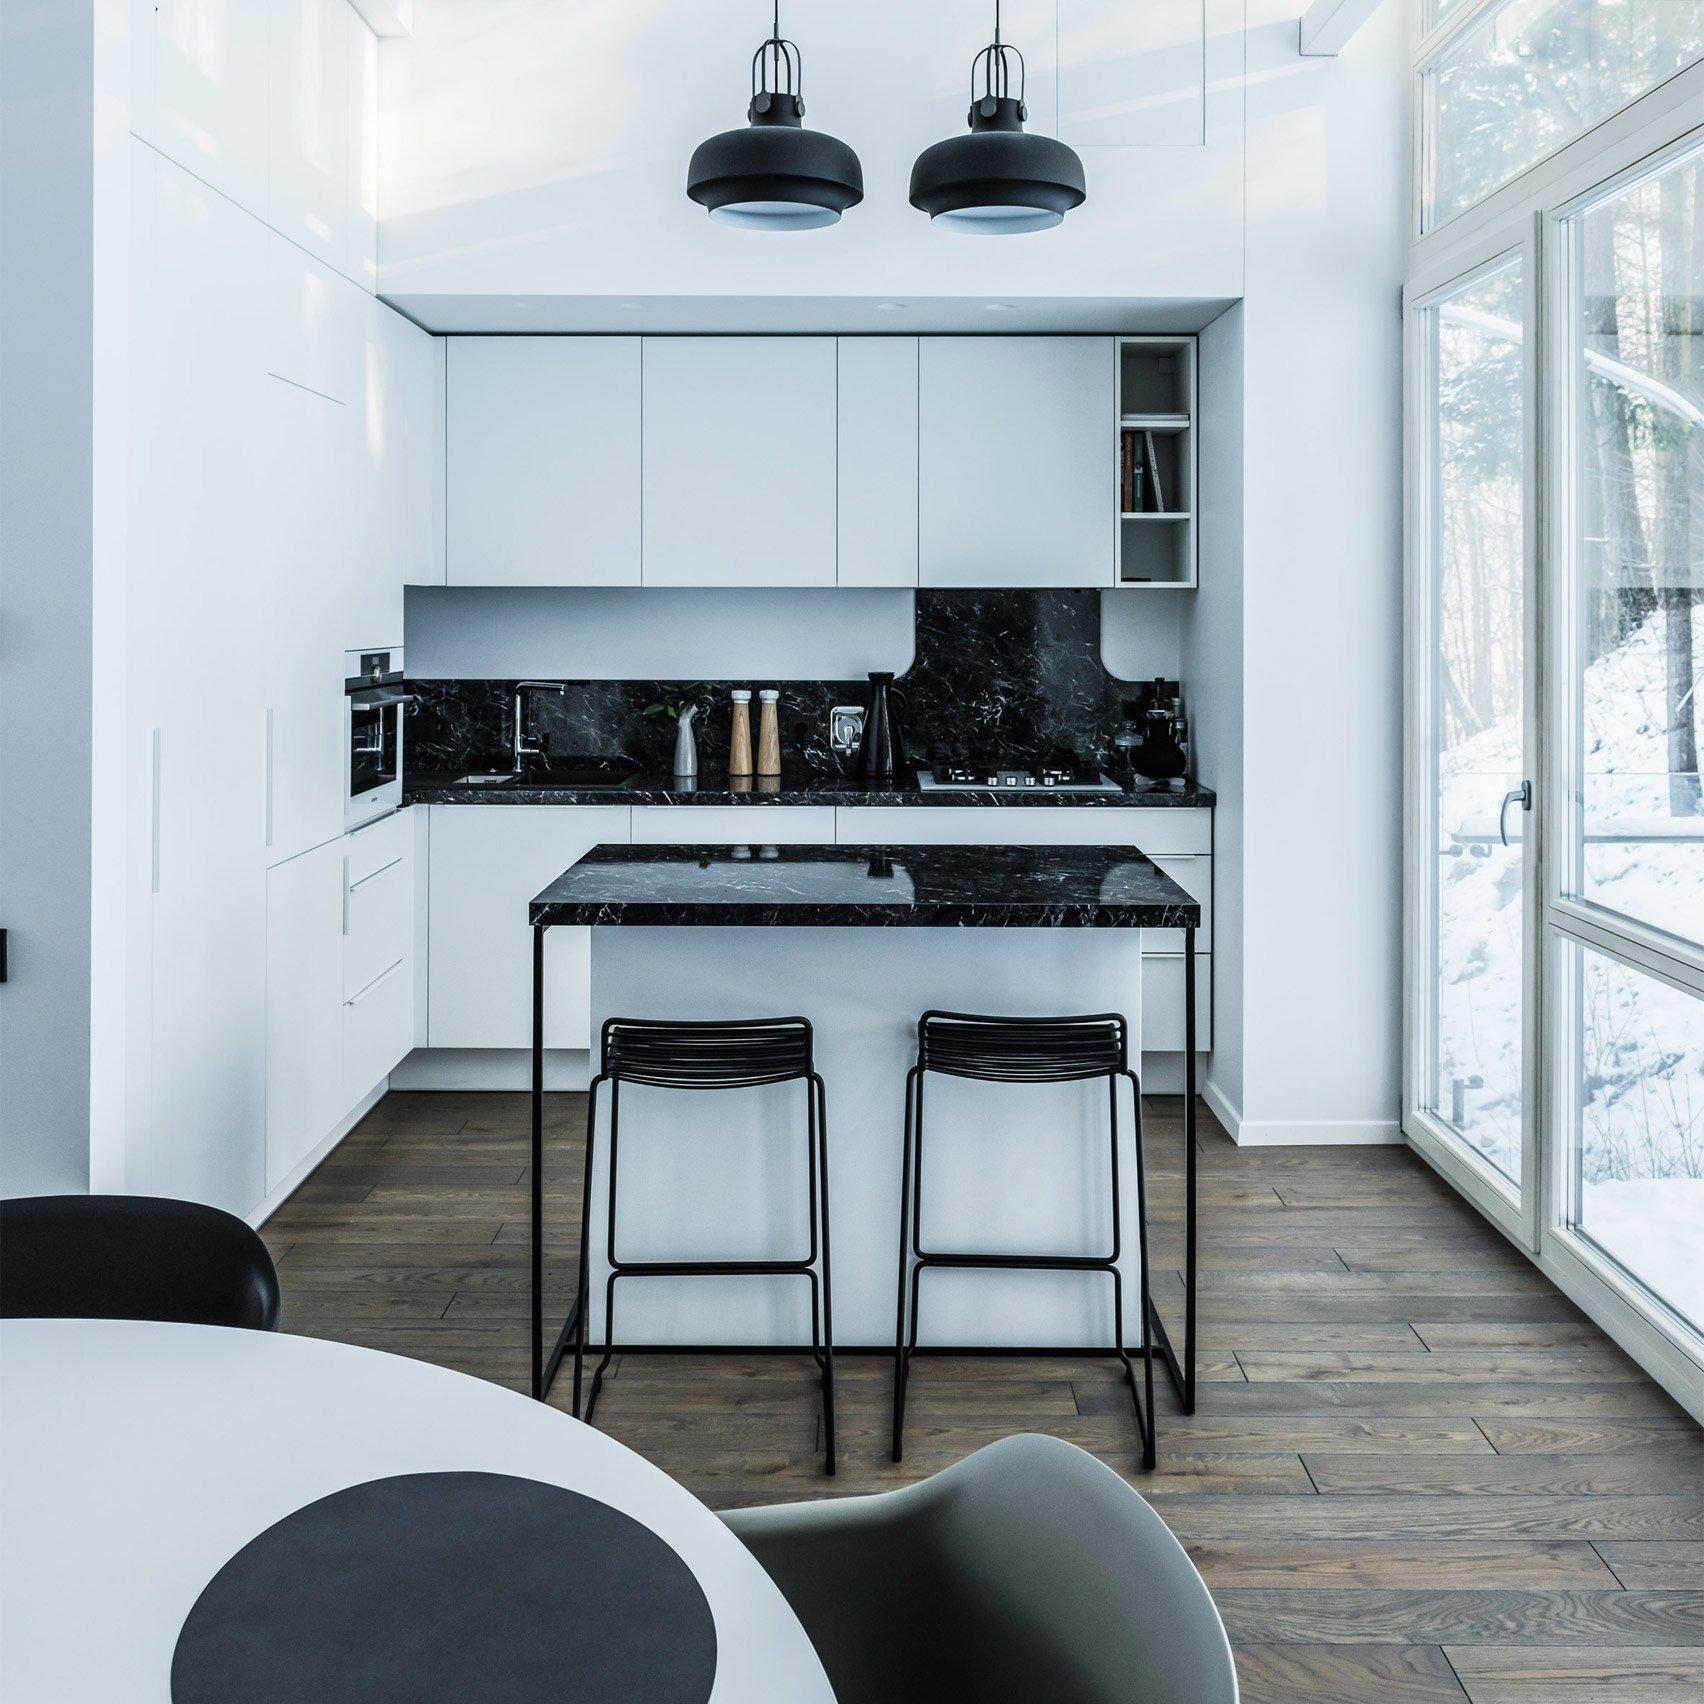 dezeen kitchen interior design